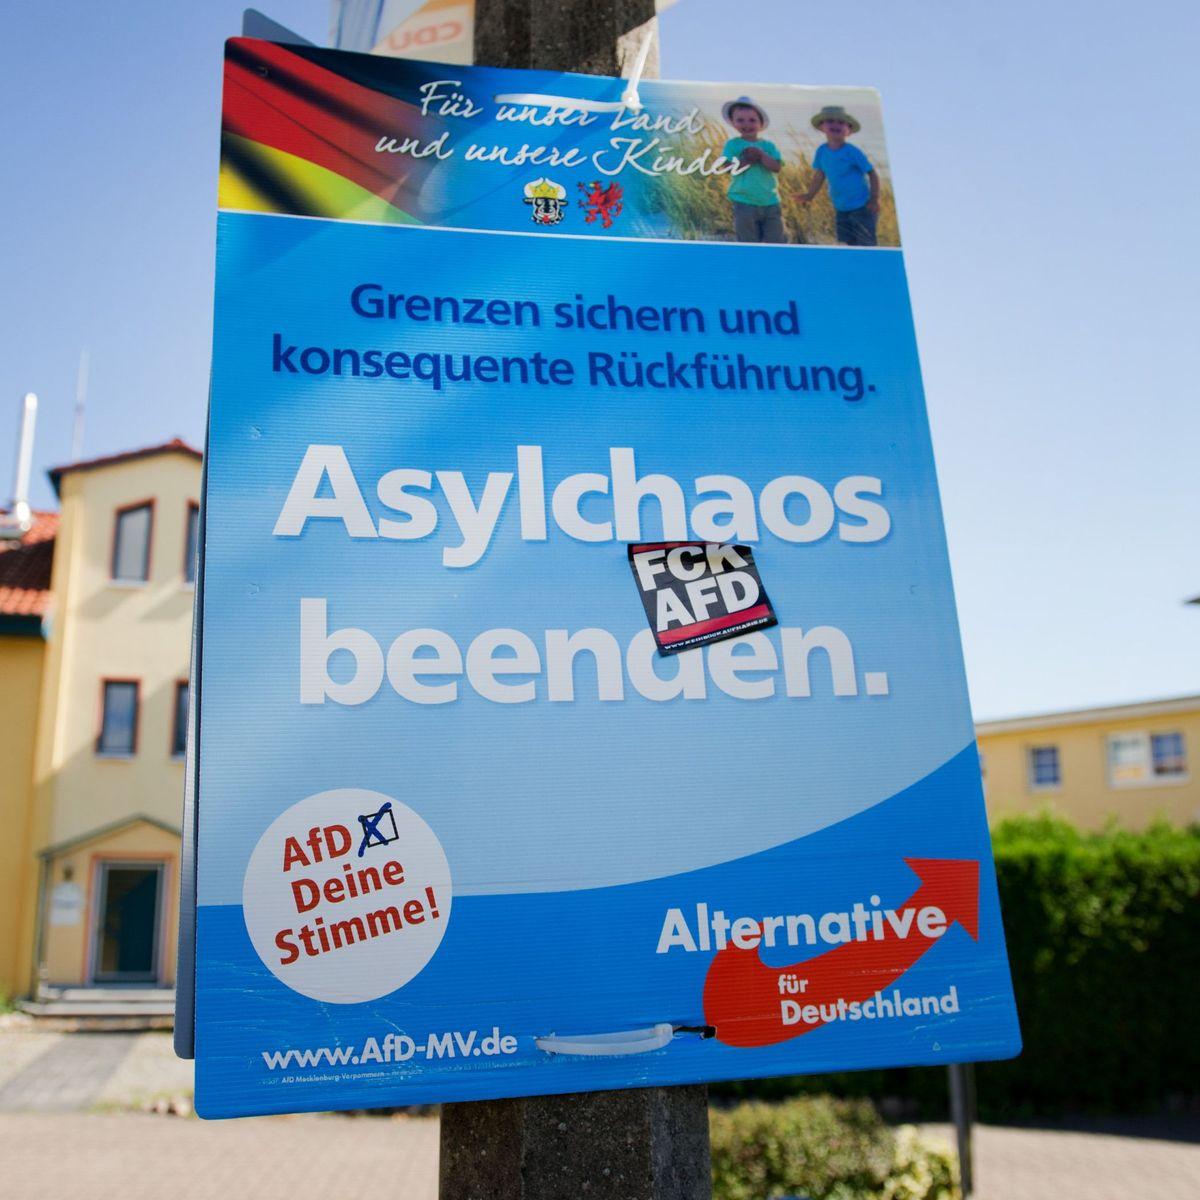 AfD: Wo bleibt der Aufschrei? - DER SPIEGEL